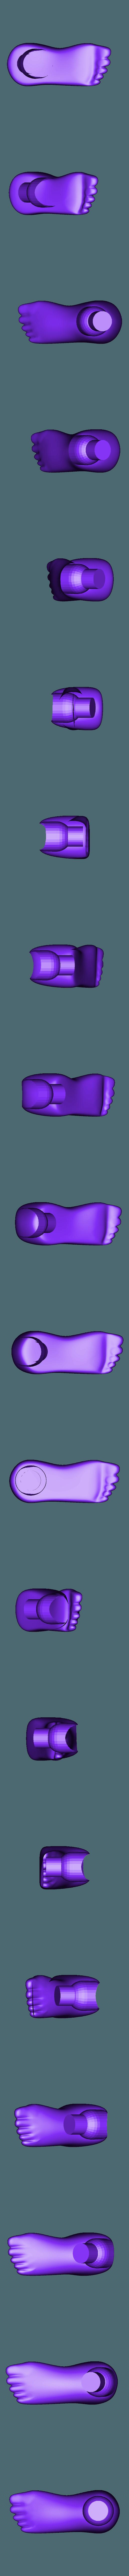 15_migiasi_right foot_rev1.stl Télécharger fichier STL gratuit Poupée de 52 cm 1/3 à joint magnétique, style Kasca • Design imprimable en 3D, all-kasca